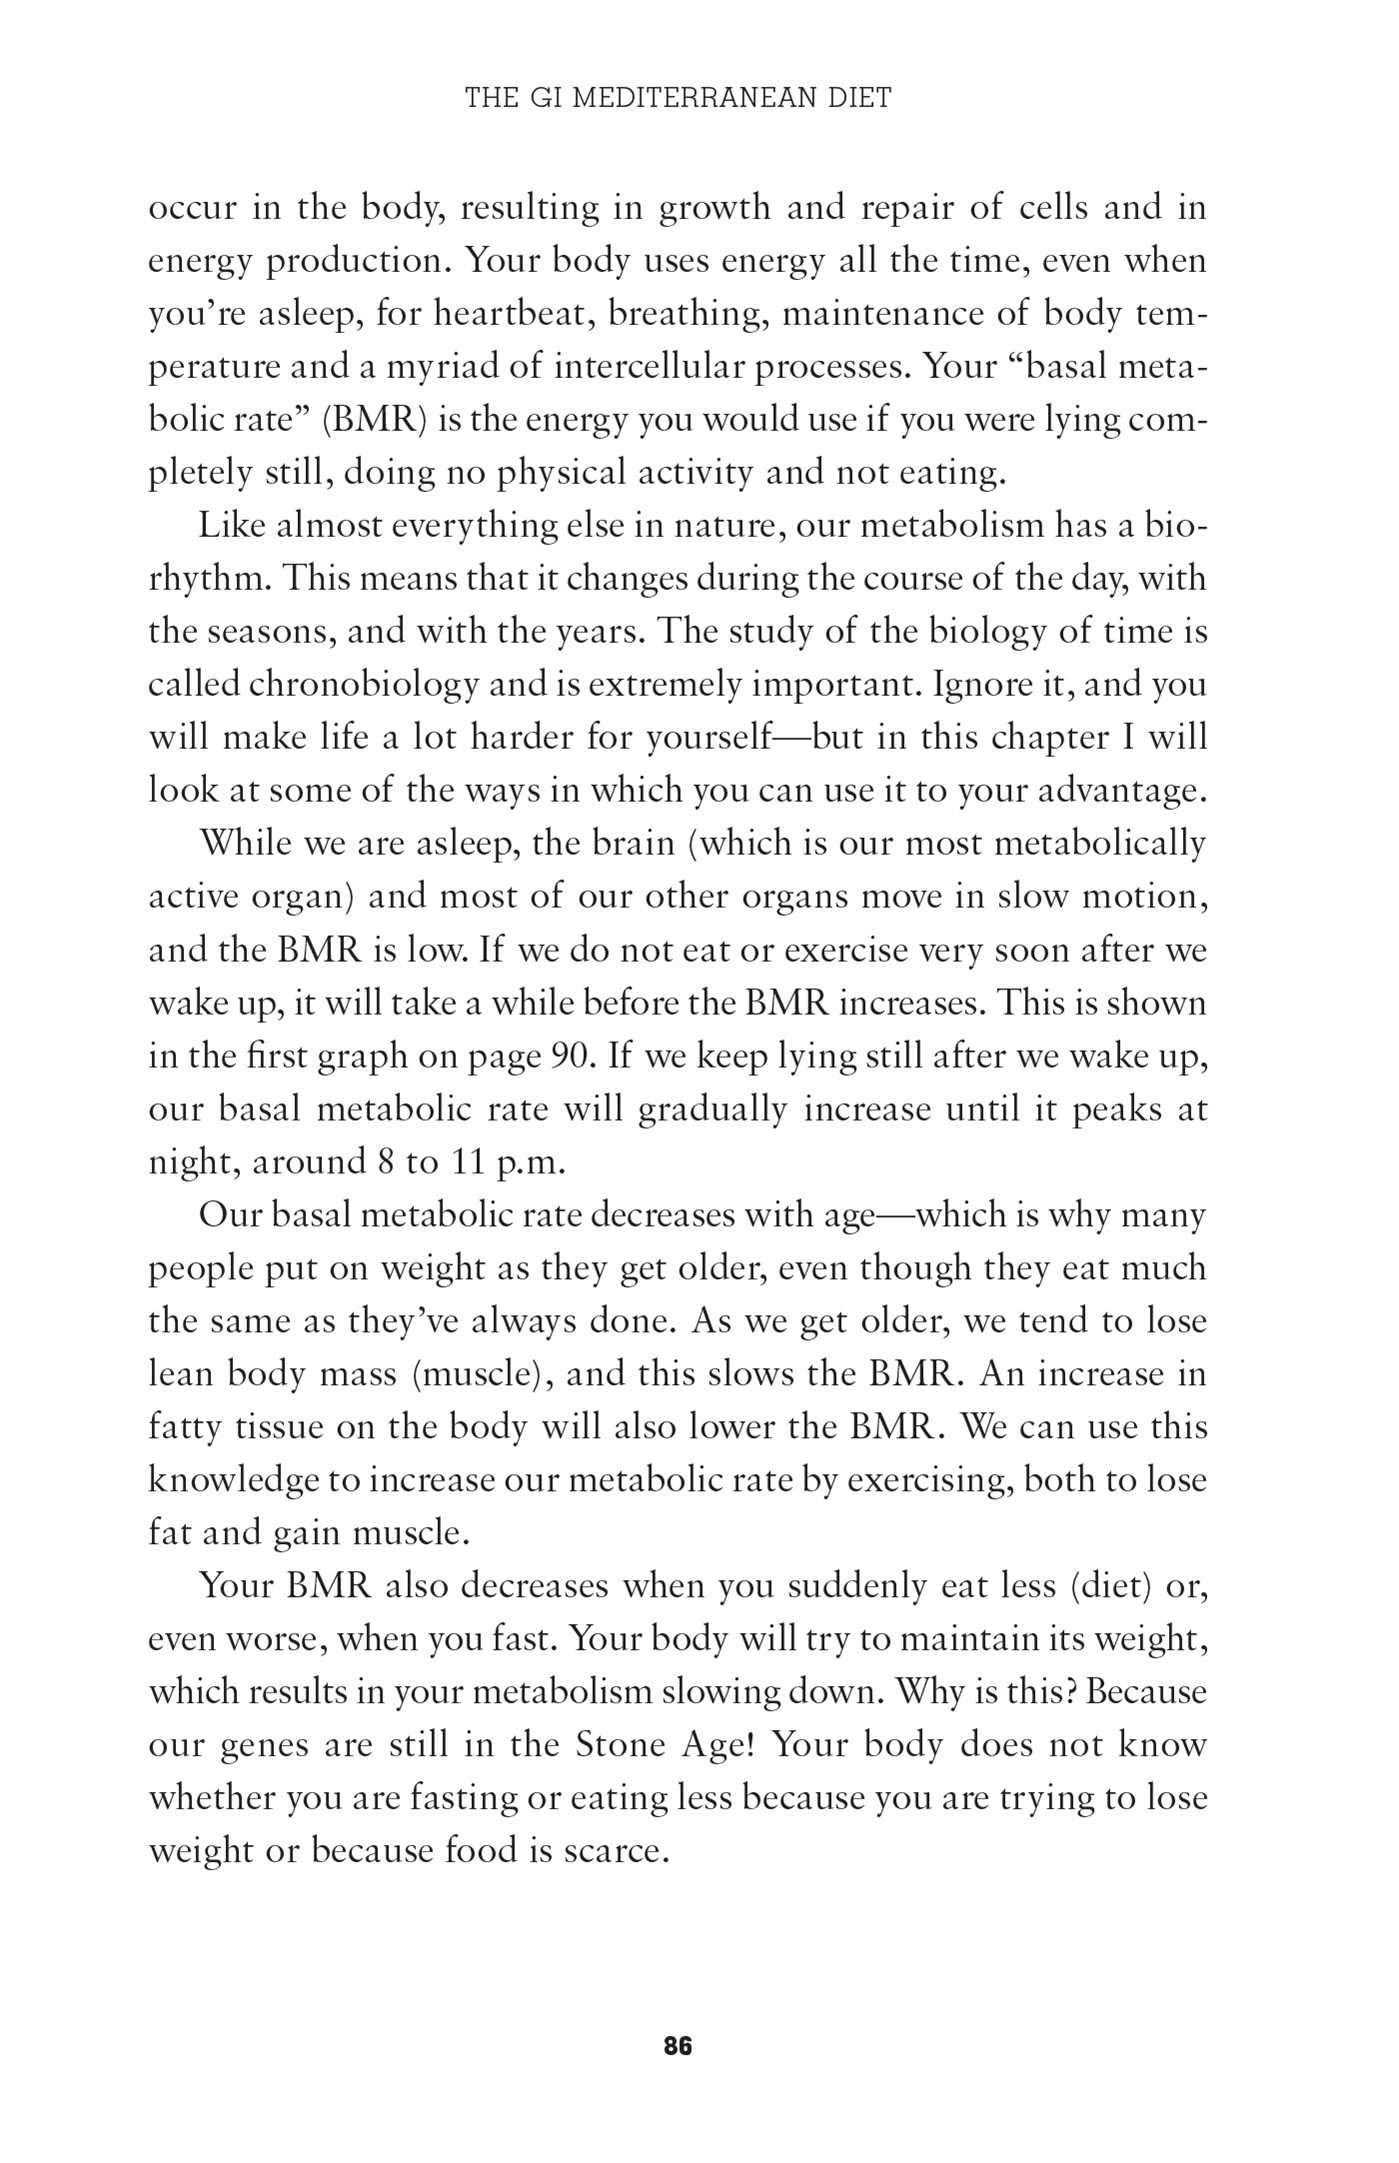 the gi mediterranean diet by lindberg